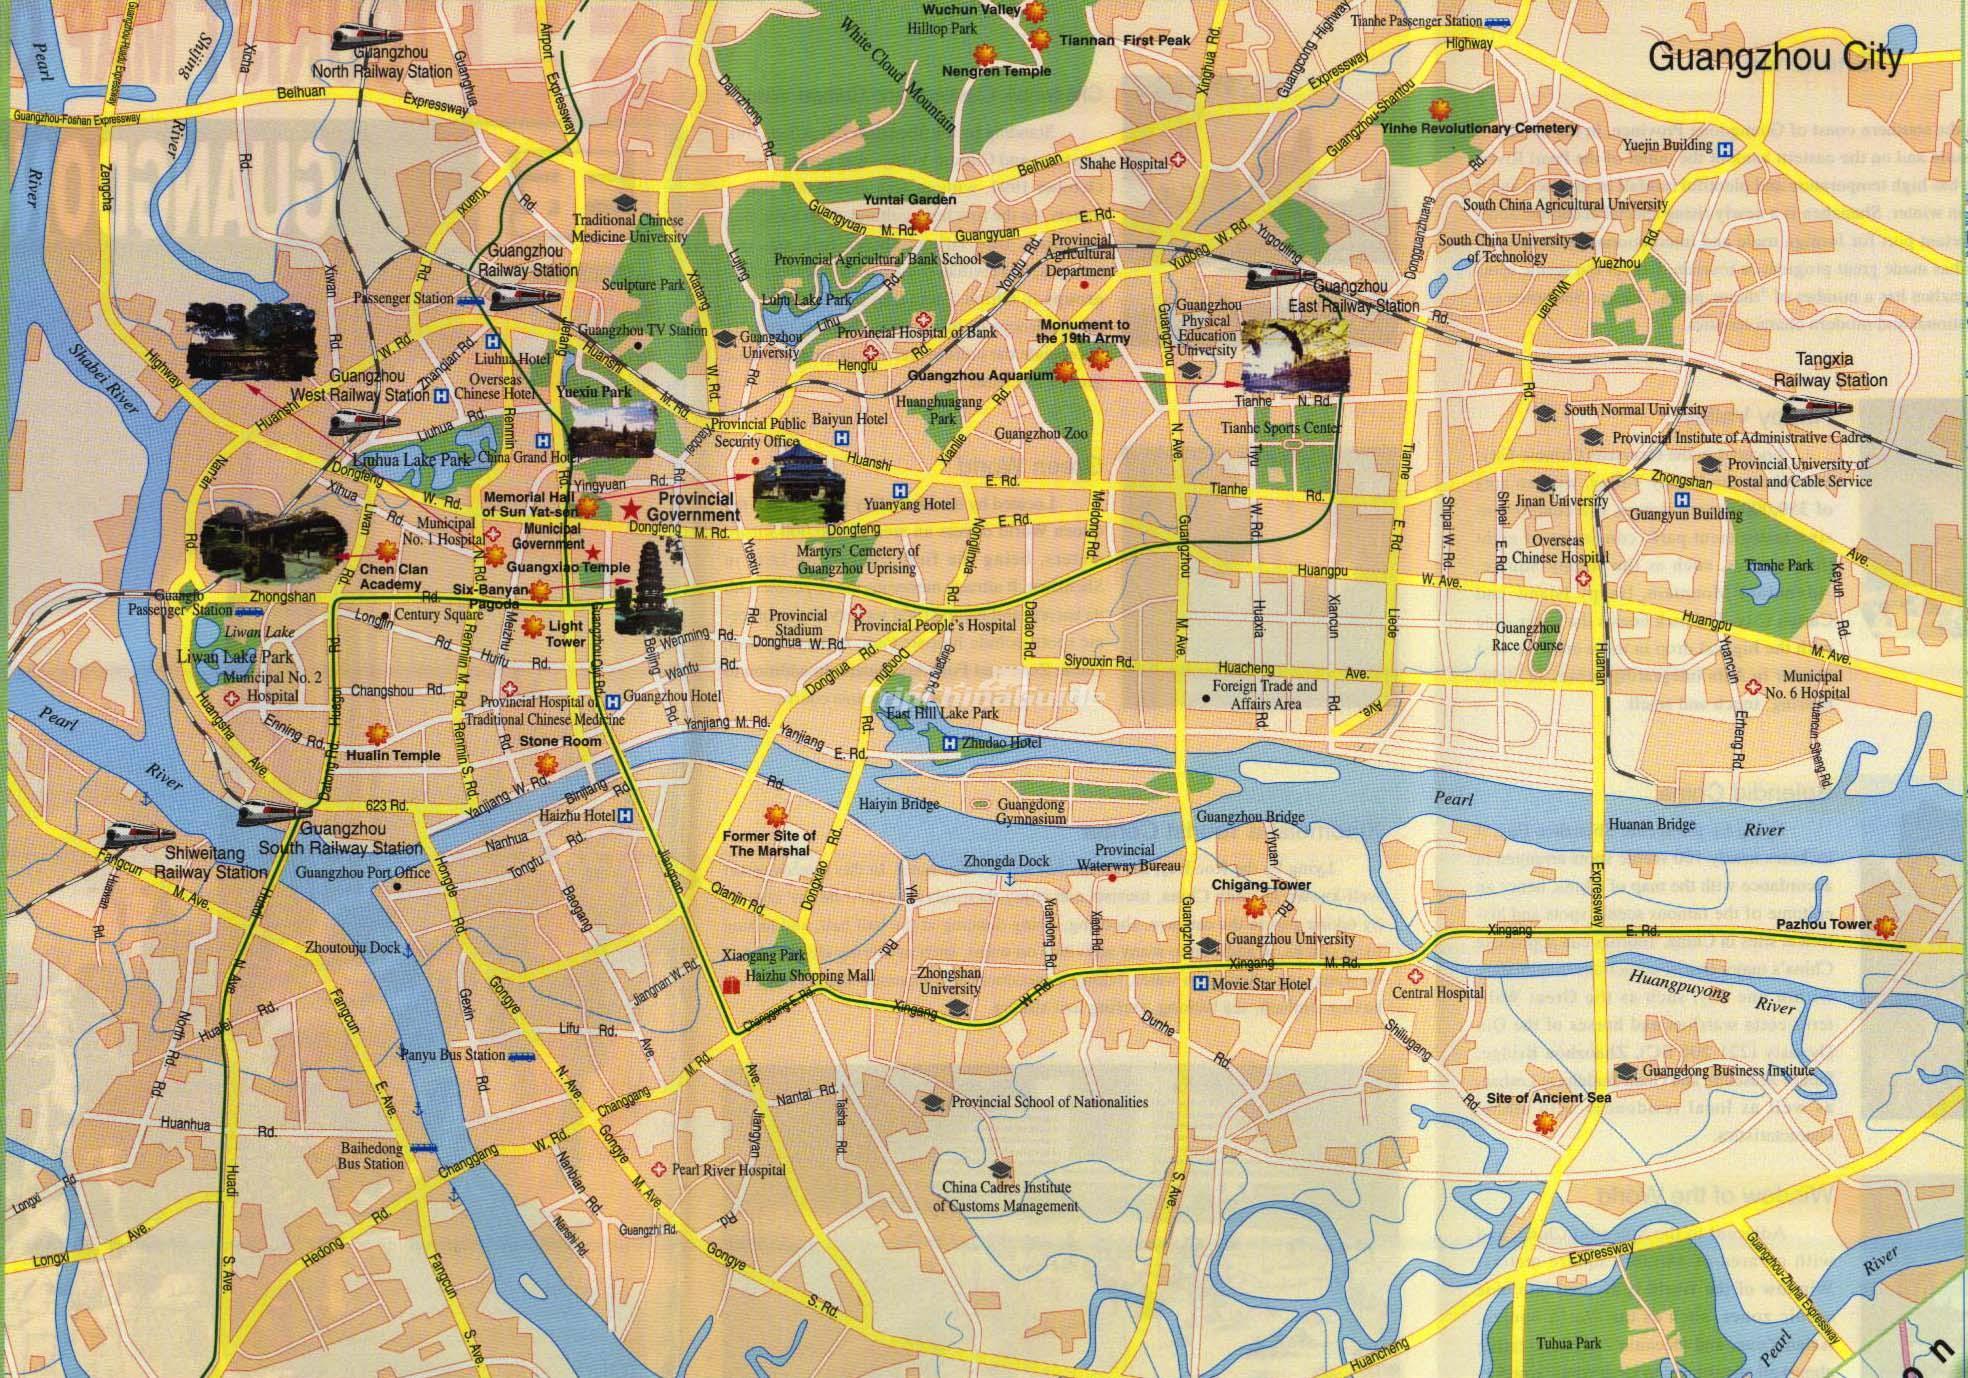 Tourist Map Of Guangzhou Maps Of Guangzhou - Guangzhou map